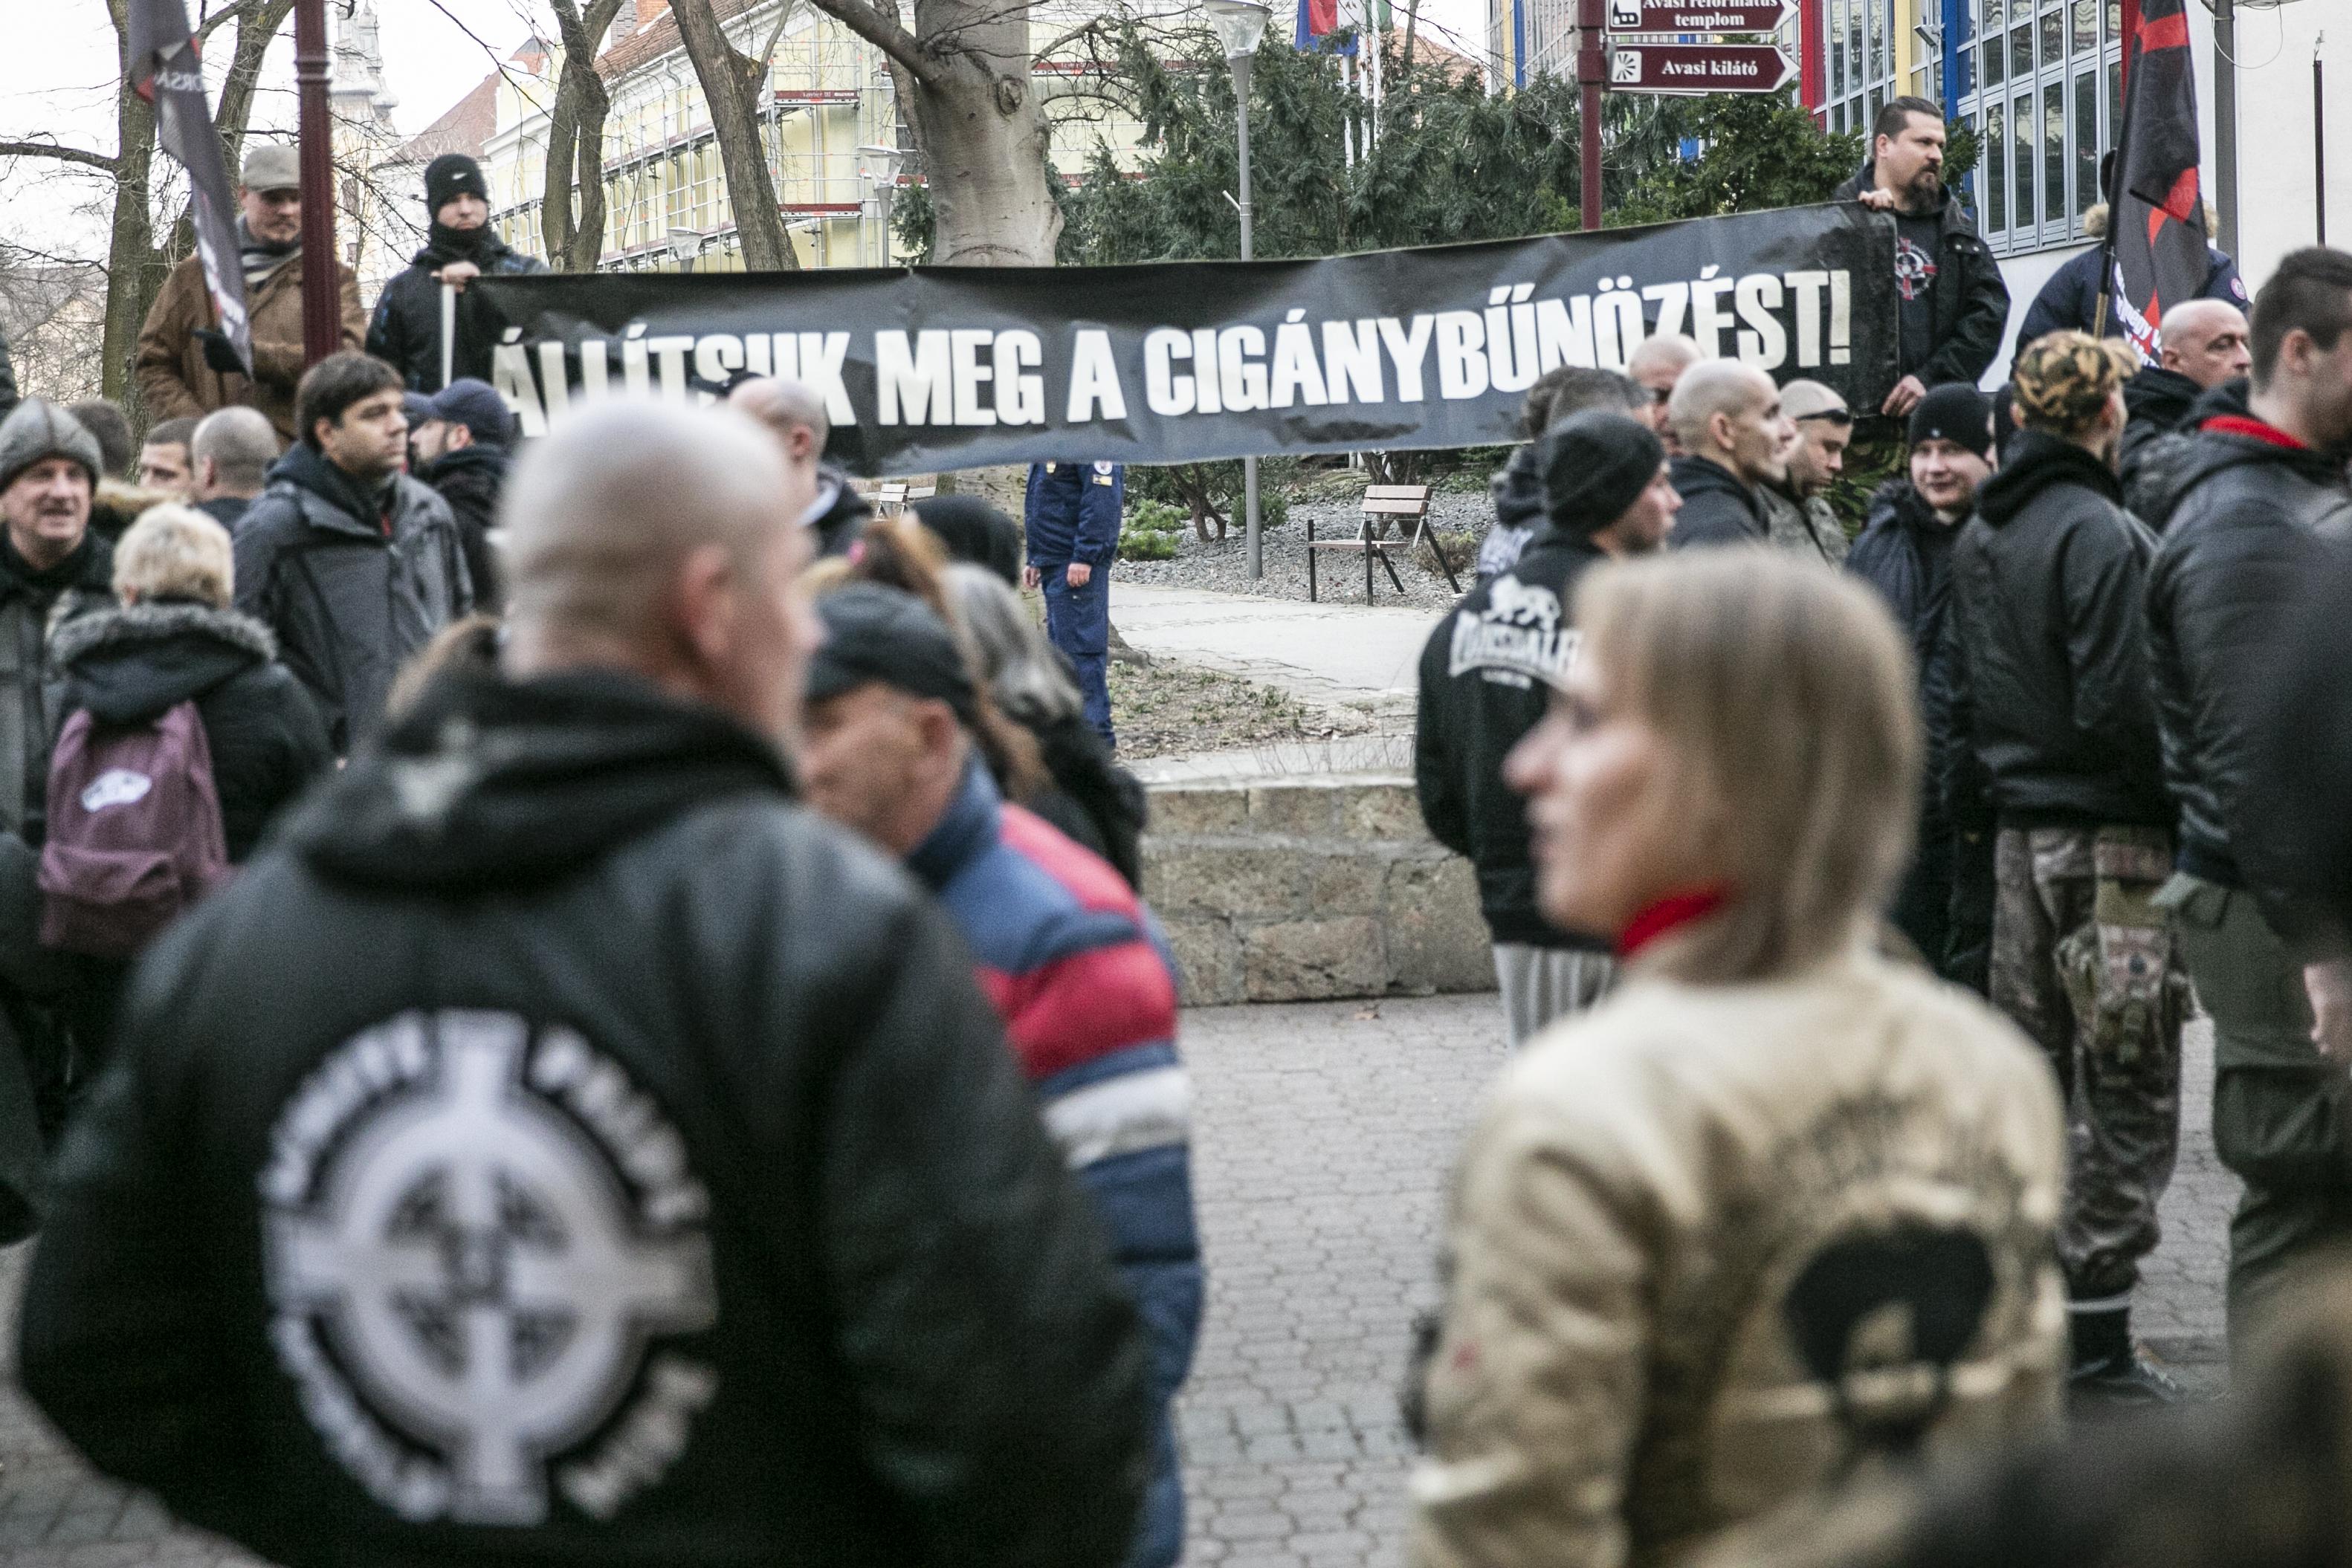 Országos Roma Önkormányzat: A bűnnek nem színe van, hanem elkövetője, a felelősségről pedig nem politikai érdekemberek fognak dönteni